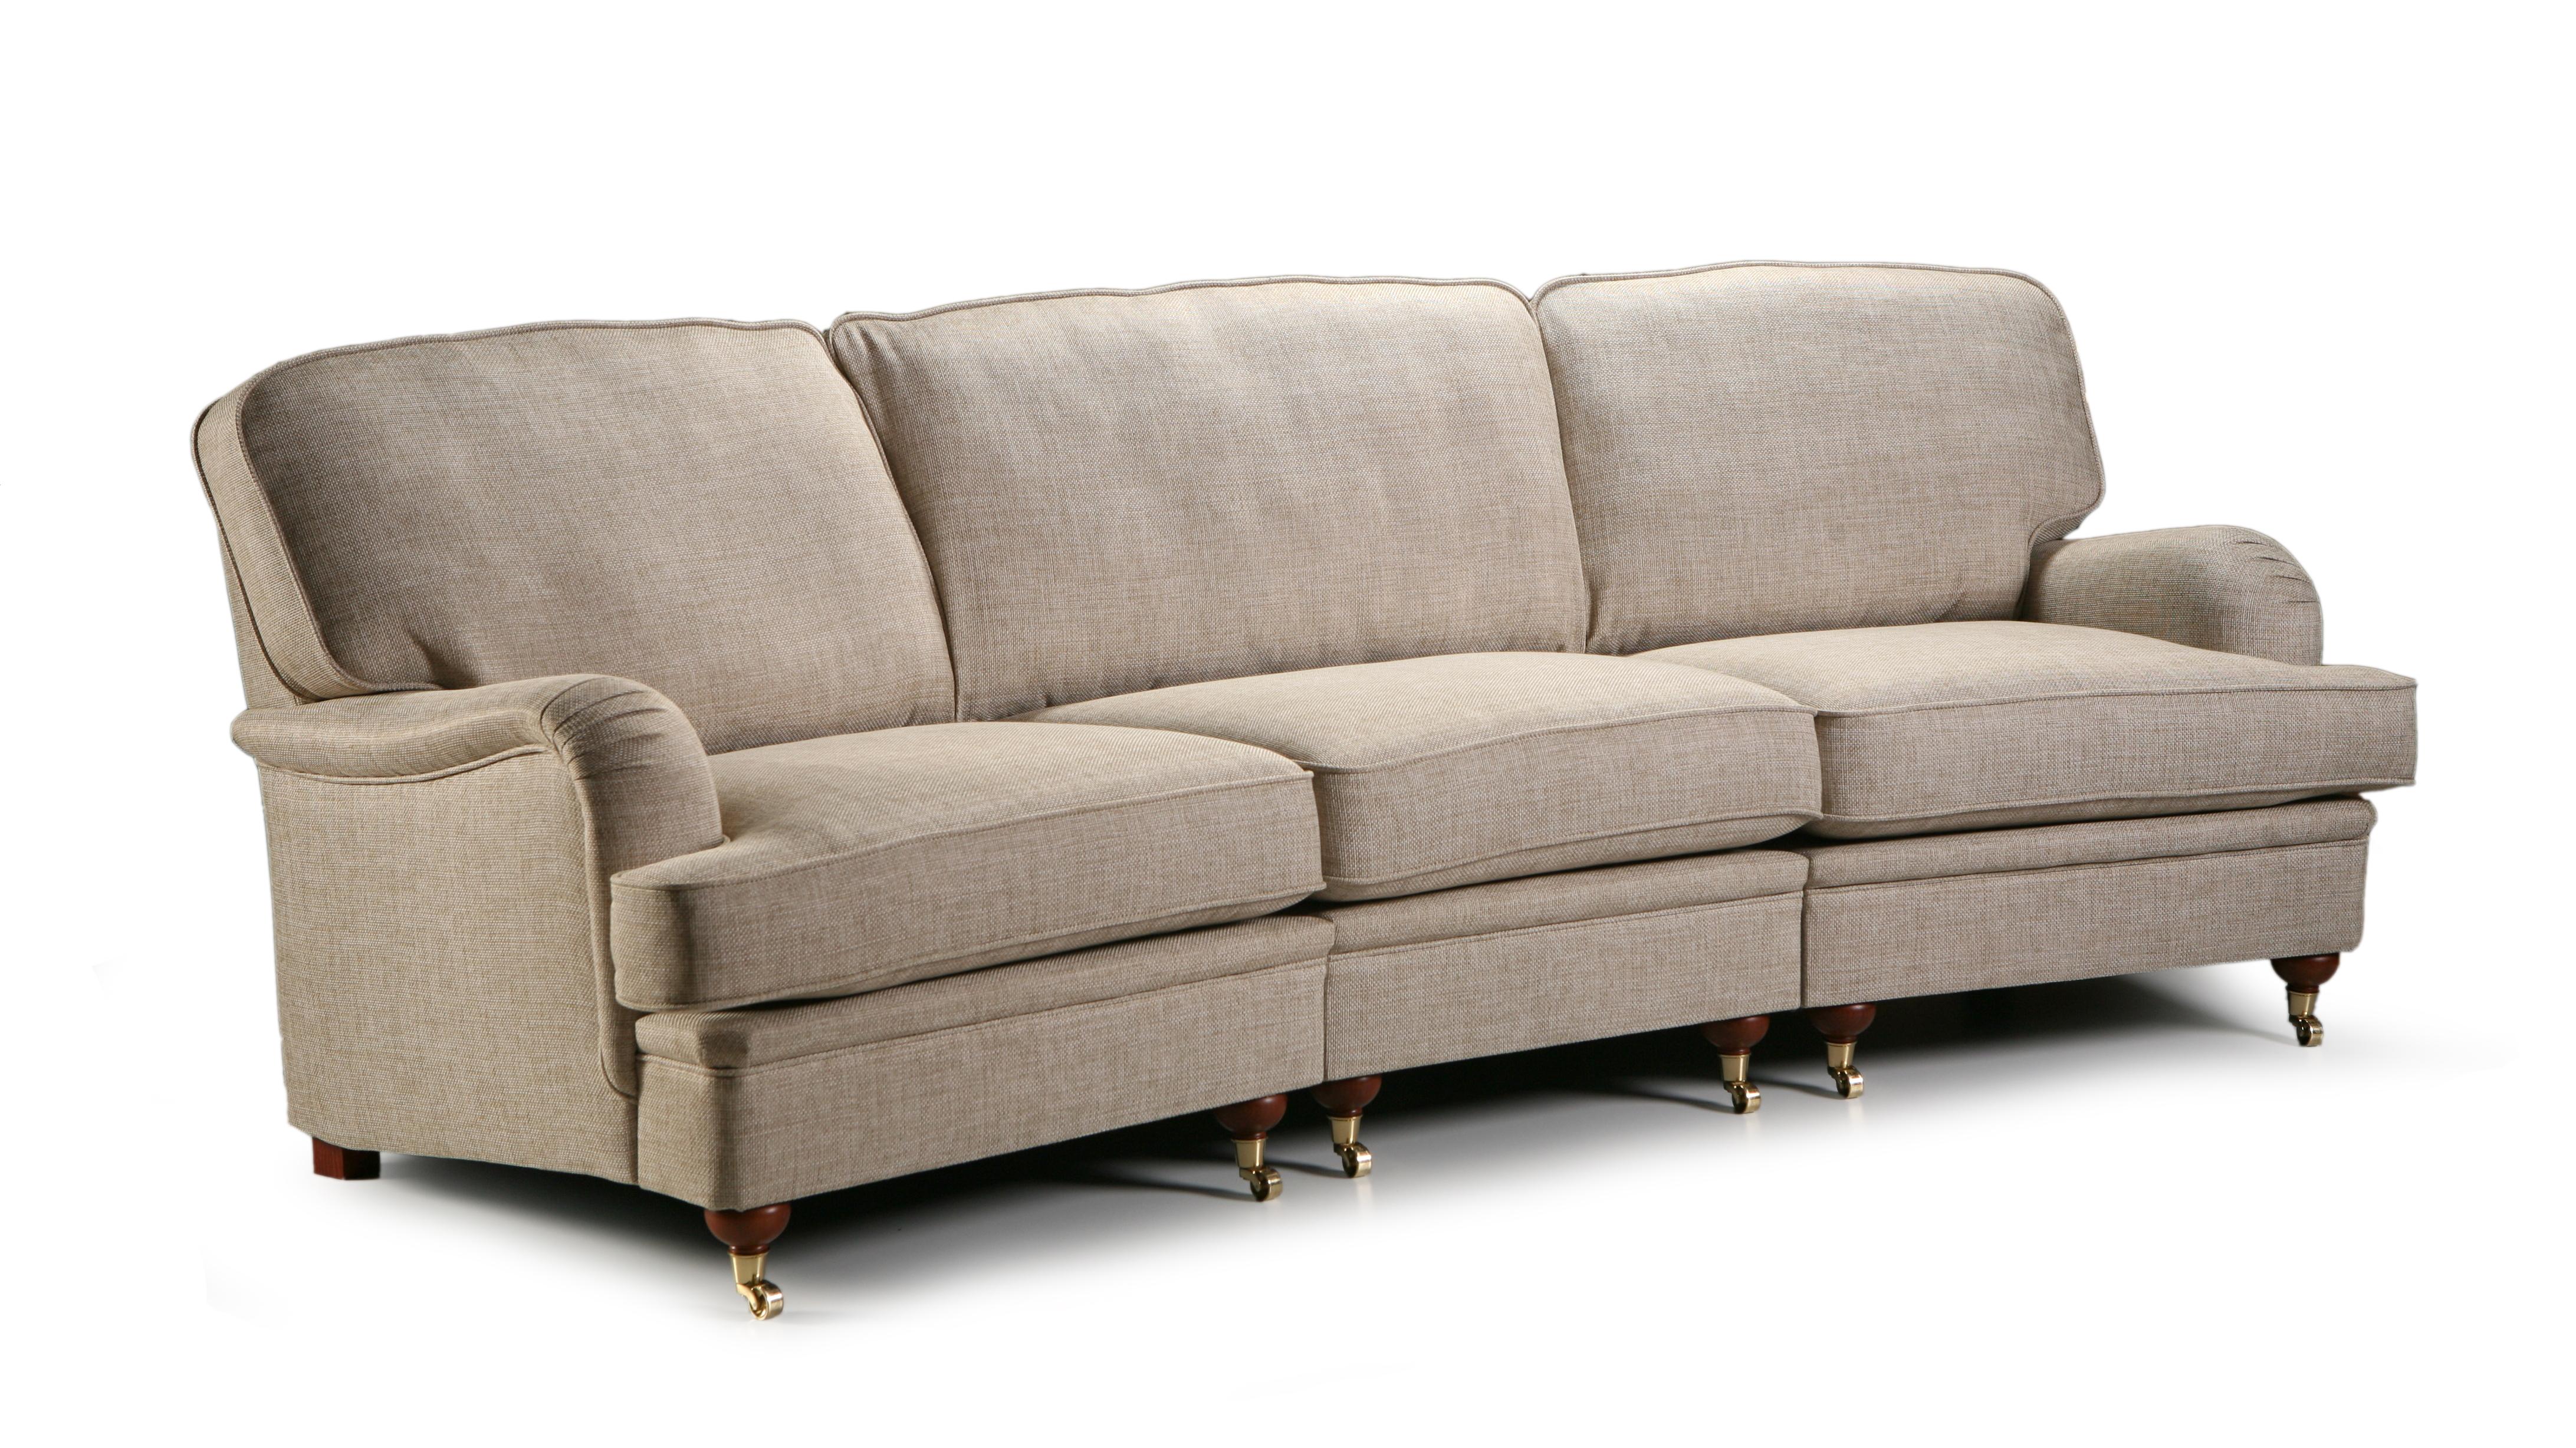 Canapea fixa 3 locuri Winston C